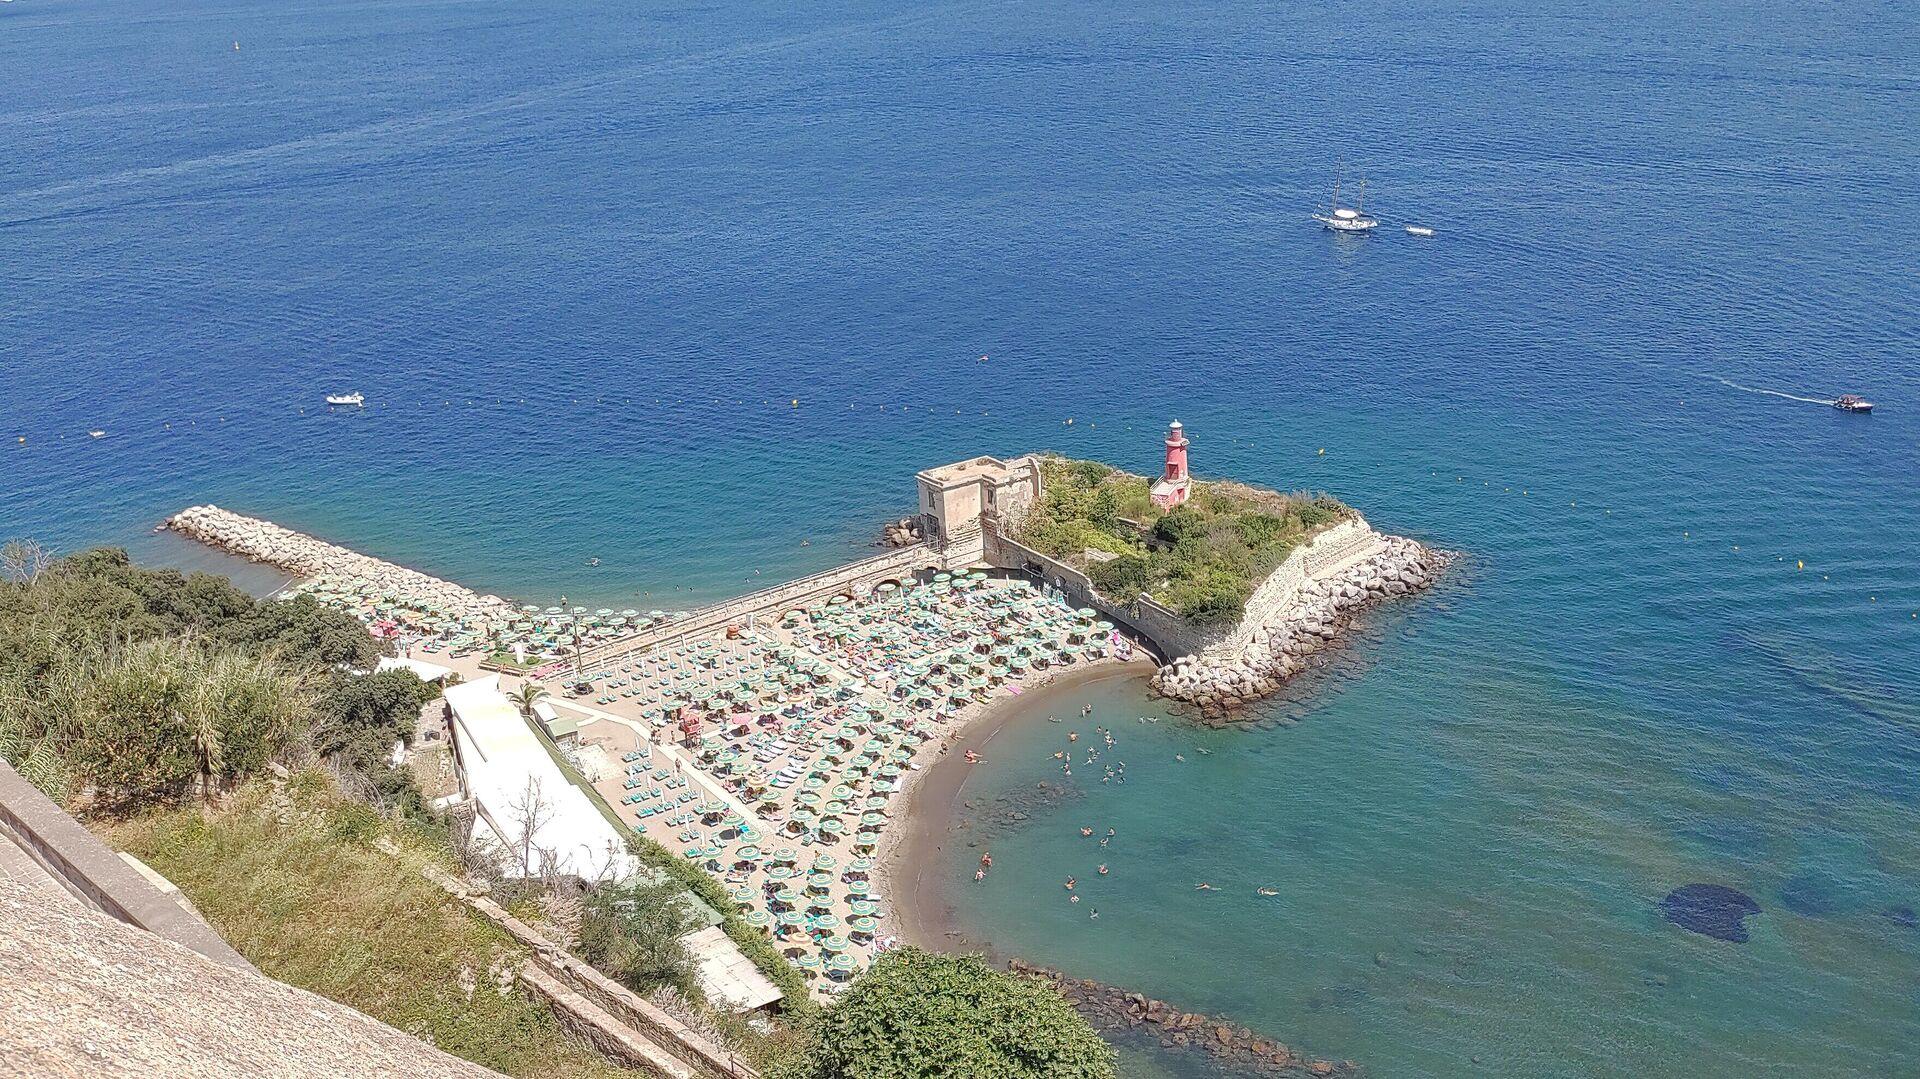 Estate spiaggia di Bacoli con ombrelloni, Napoli agosto 2021 - Sputnik Italia, 1920, 13.09.2021